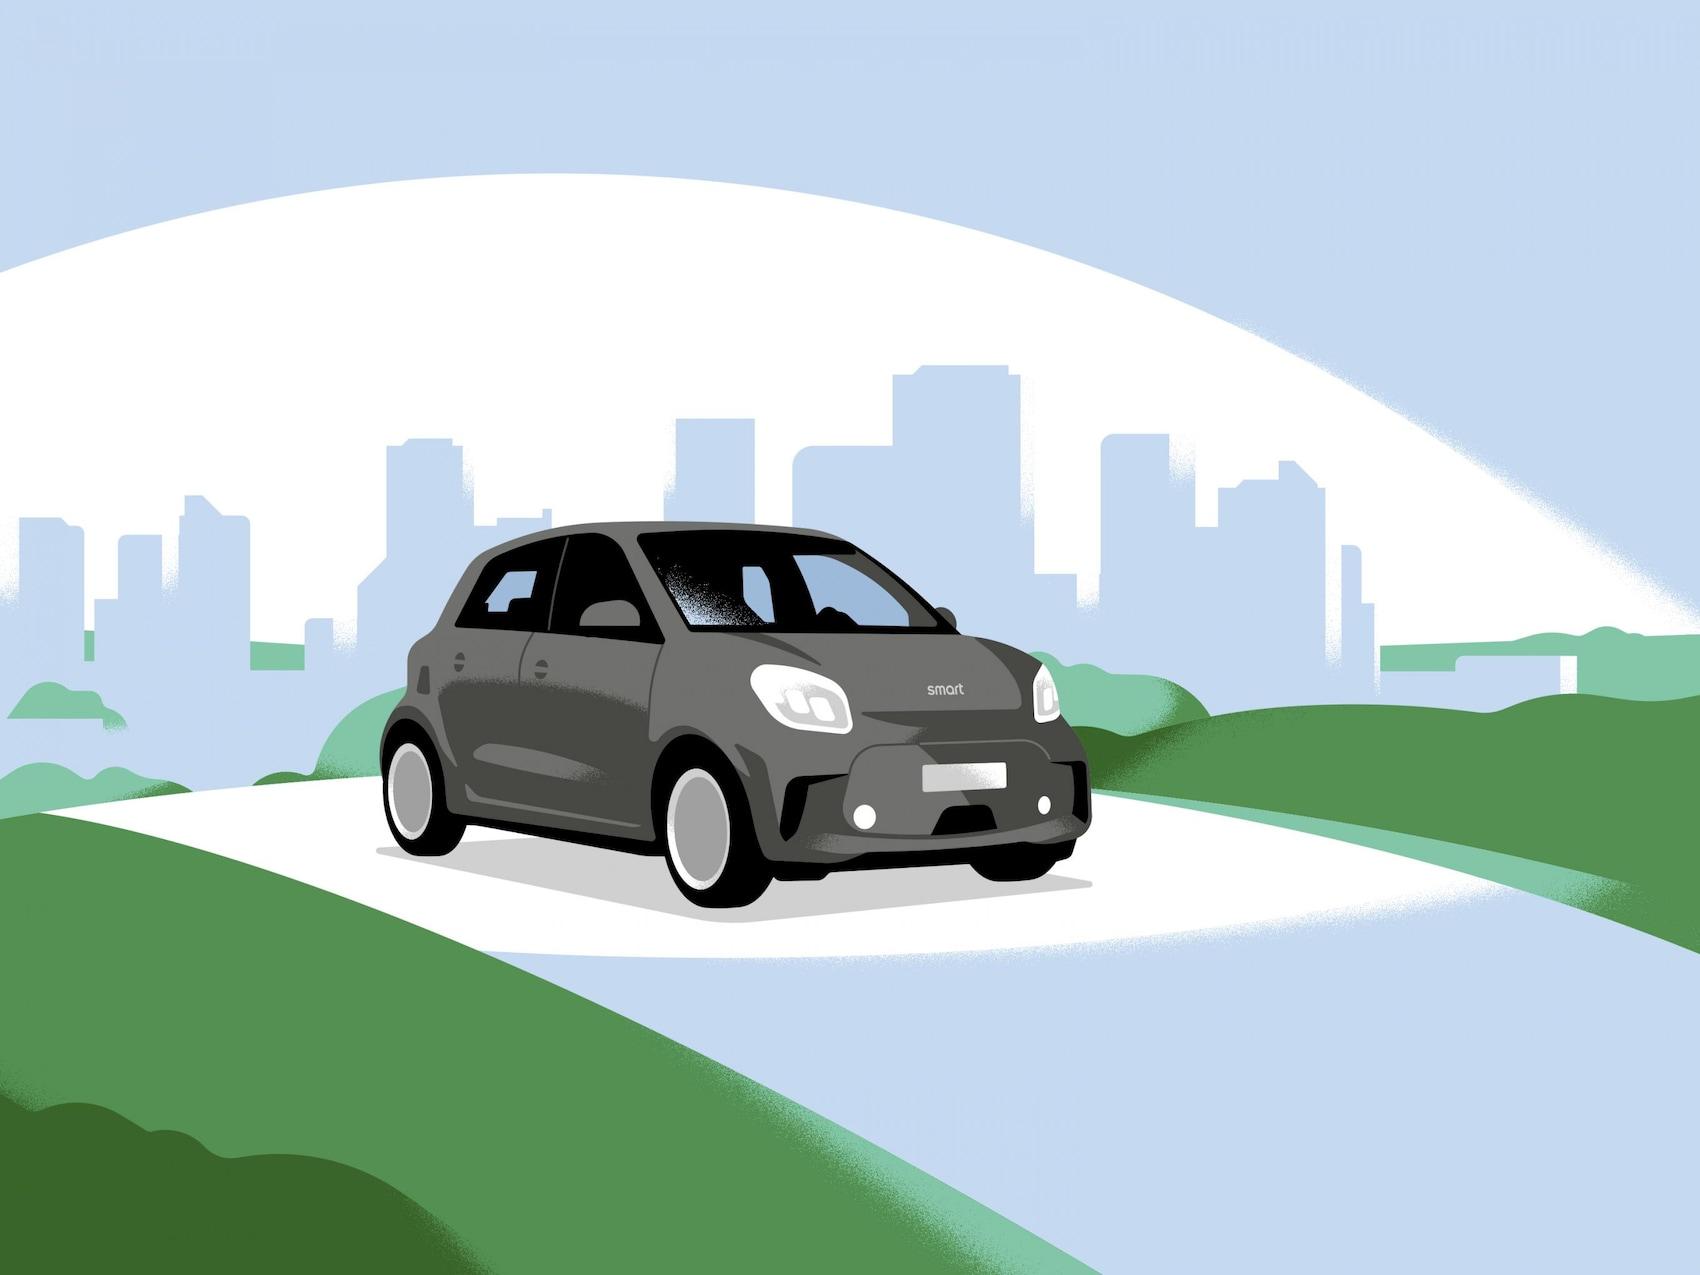 smart EQ forfour na drodze z miastem w tle.